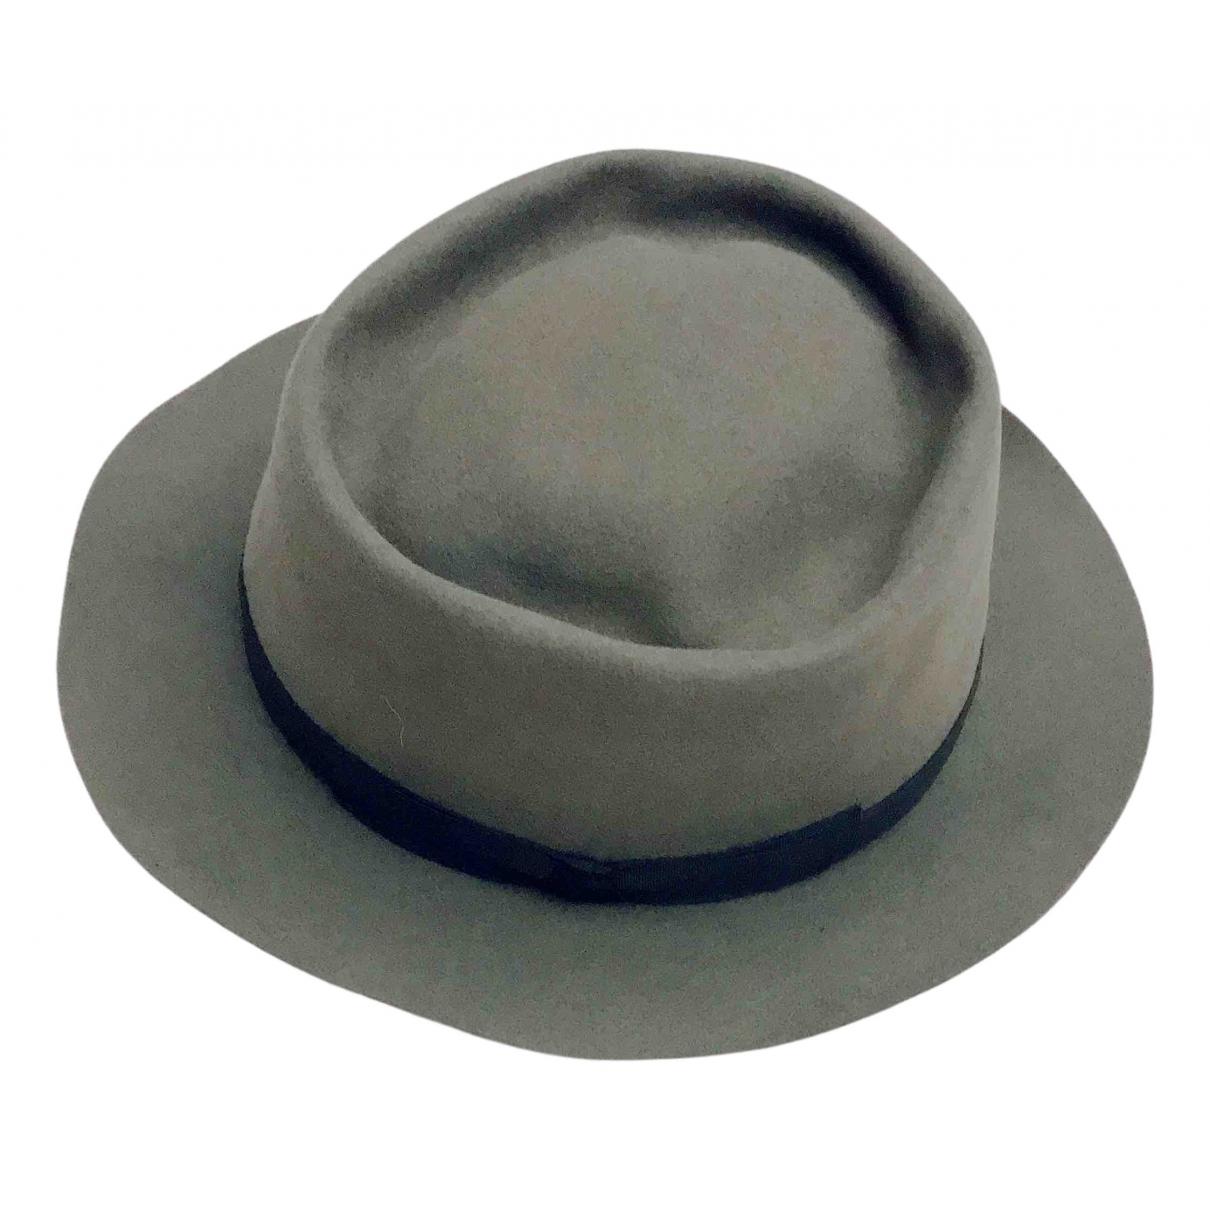 Dior - Chapeau   pour femme en cachemire - gris